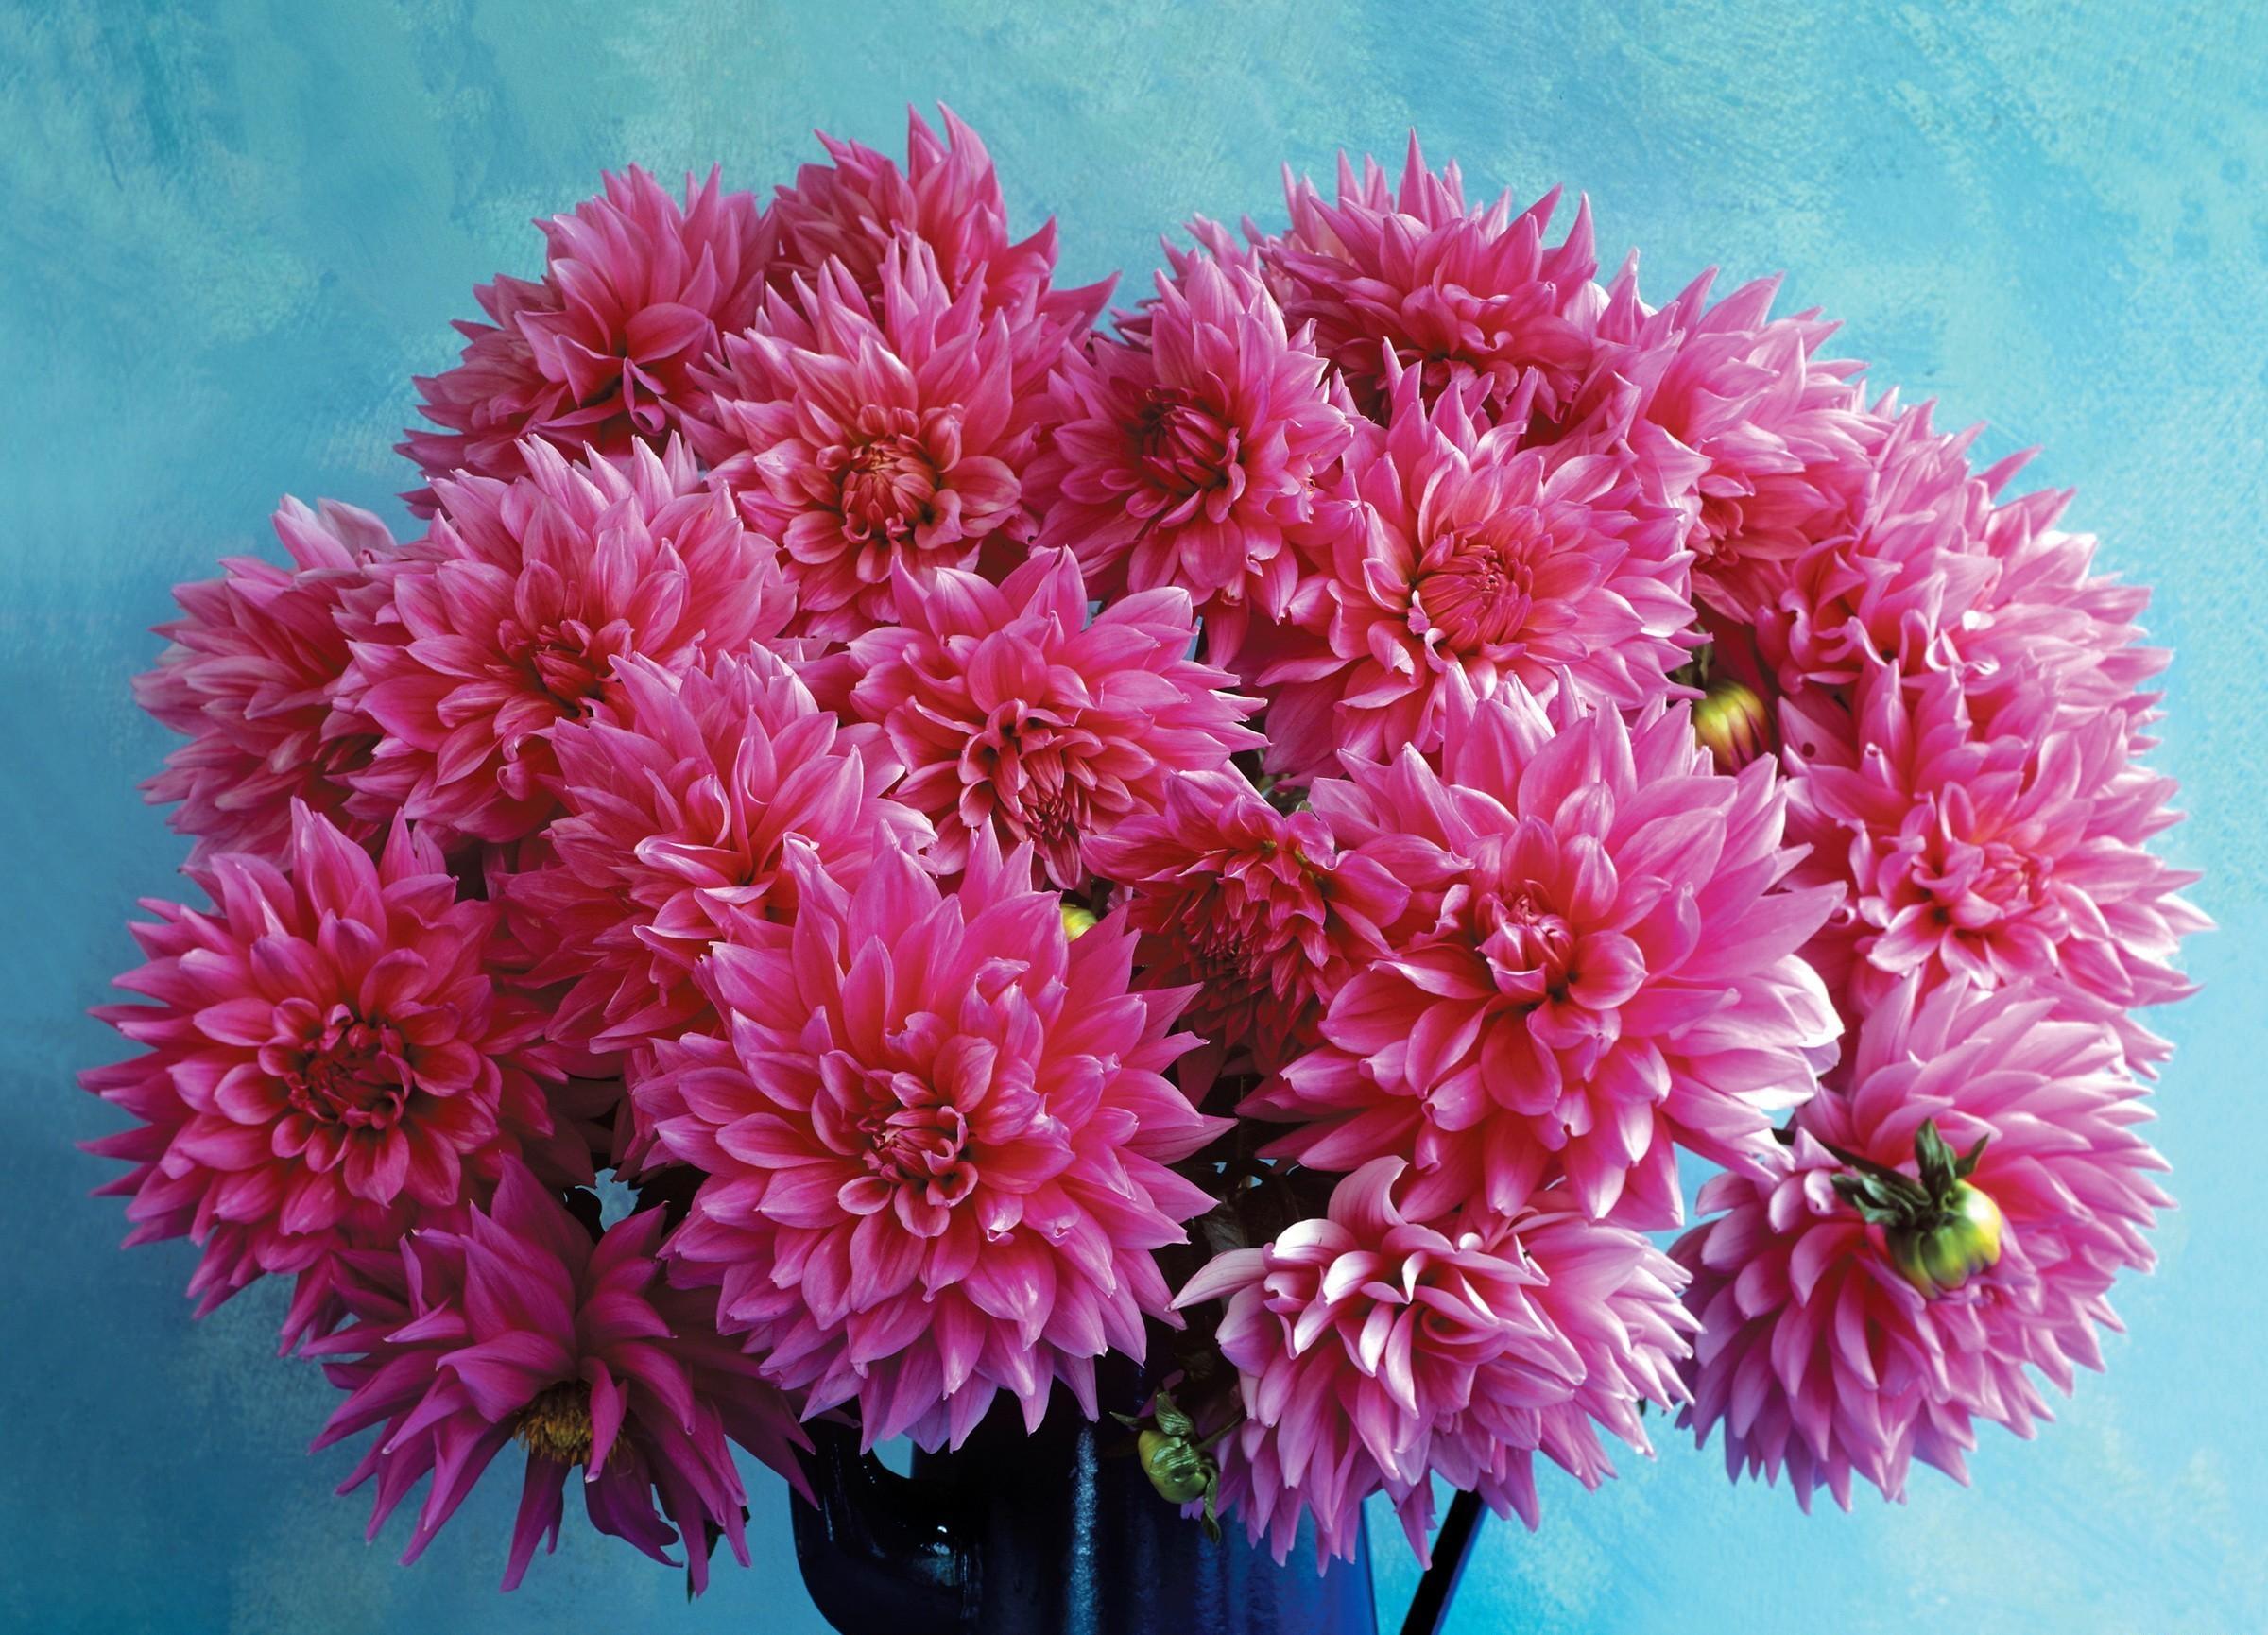 53230 завантажити шпалери Квіти, Жоржини, Букет, Глечик, Фон - заставки і картинки безкоштовно